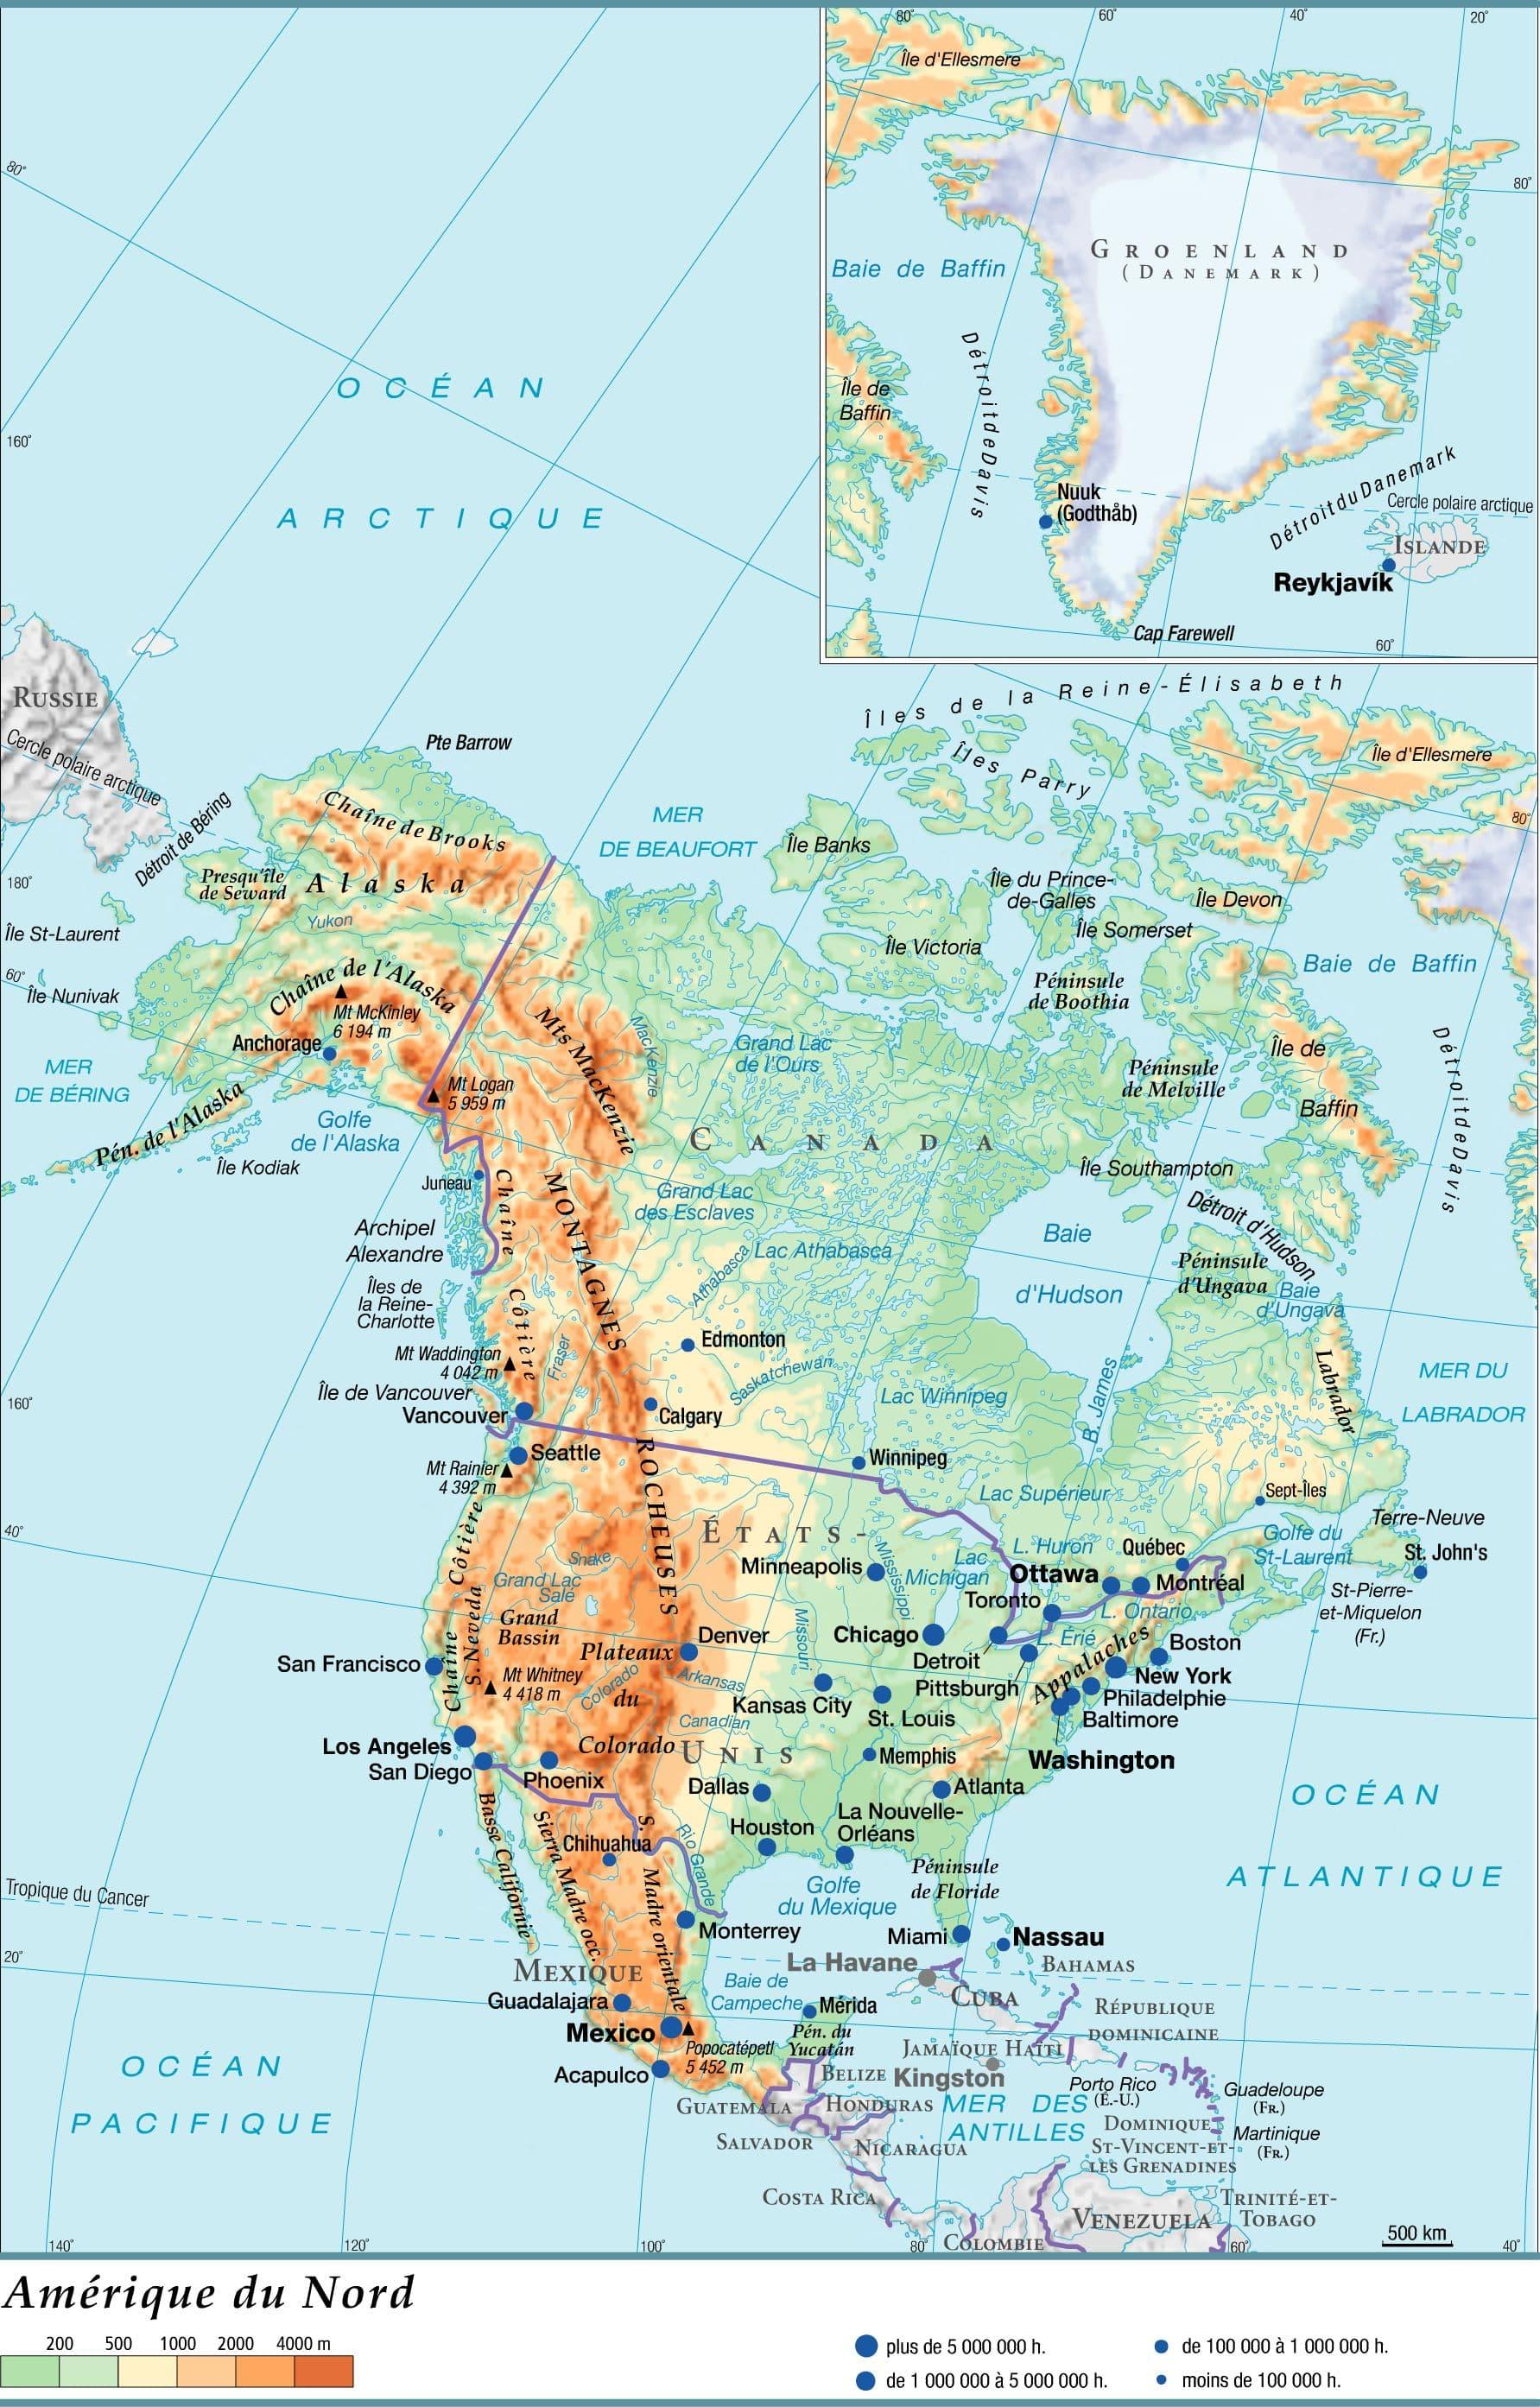 amerique du nord - Image